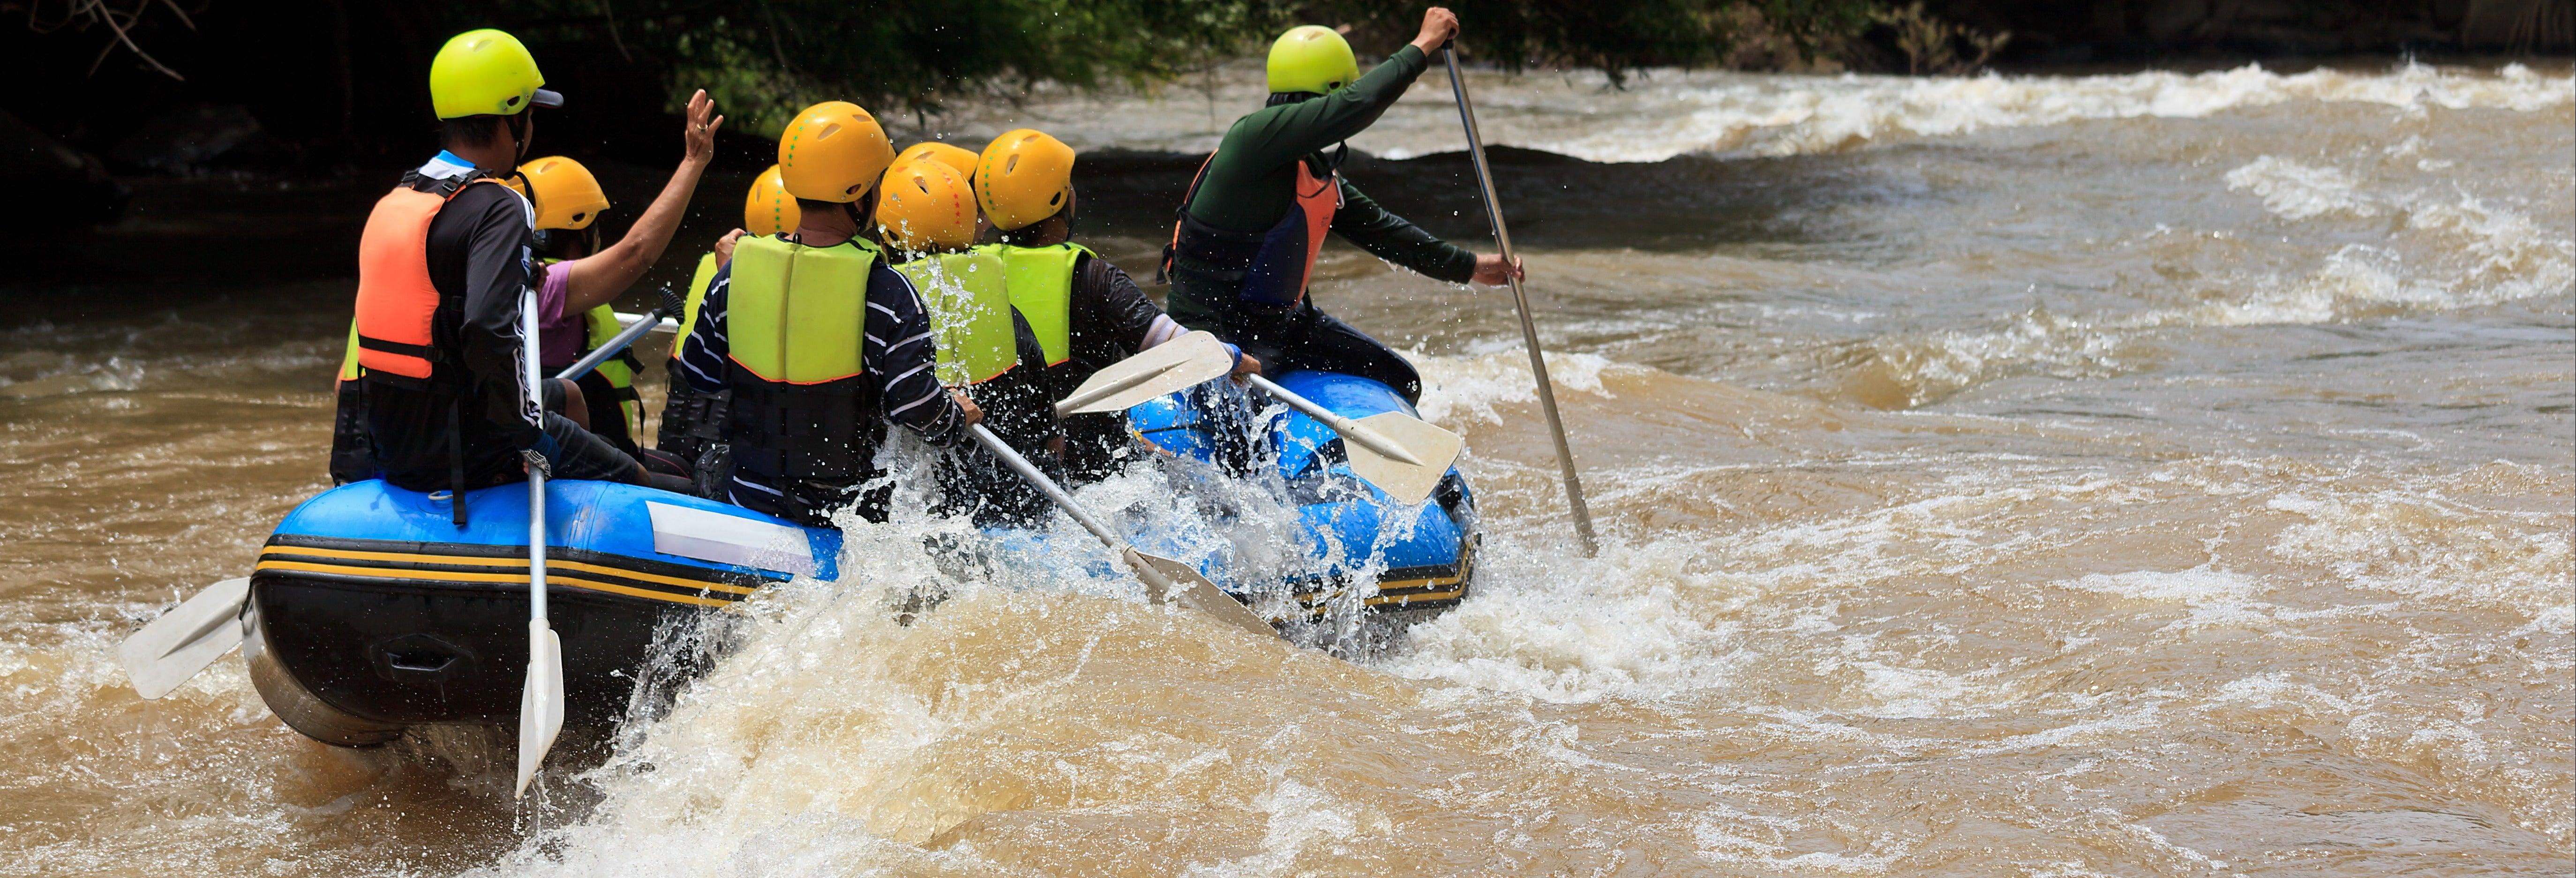 Rafting en el río Jangkok